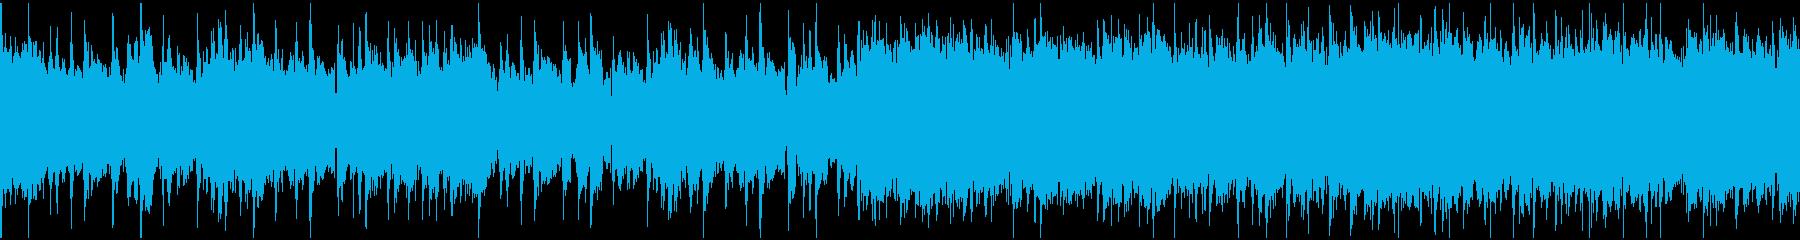 渋いグランジロック・生ギター・ループ2の再生済みの波形